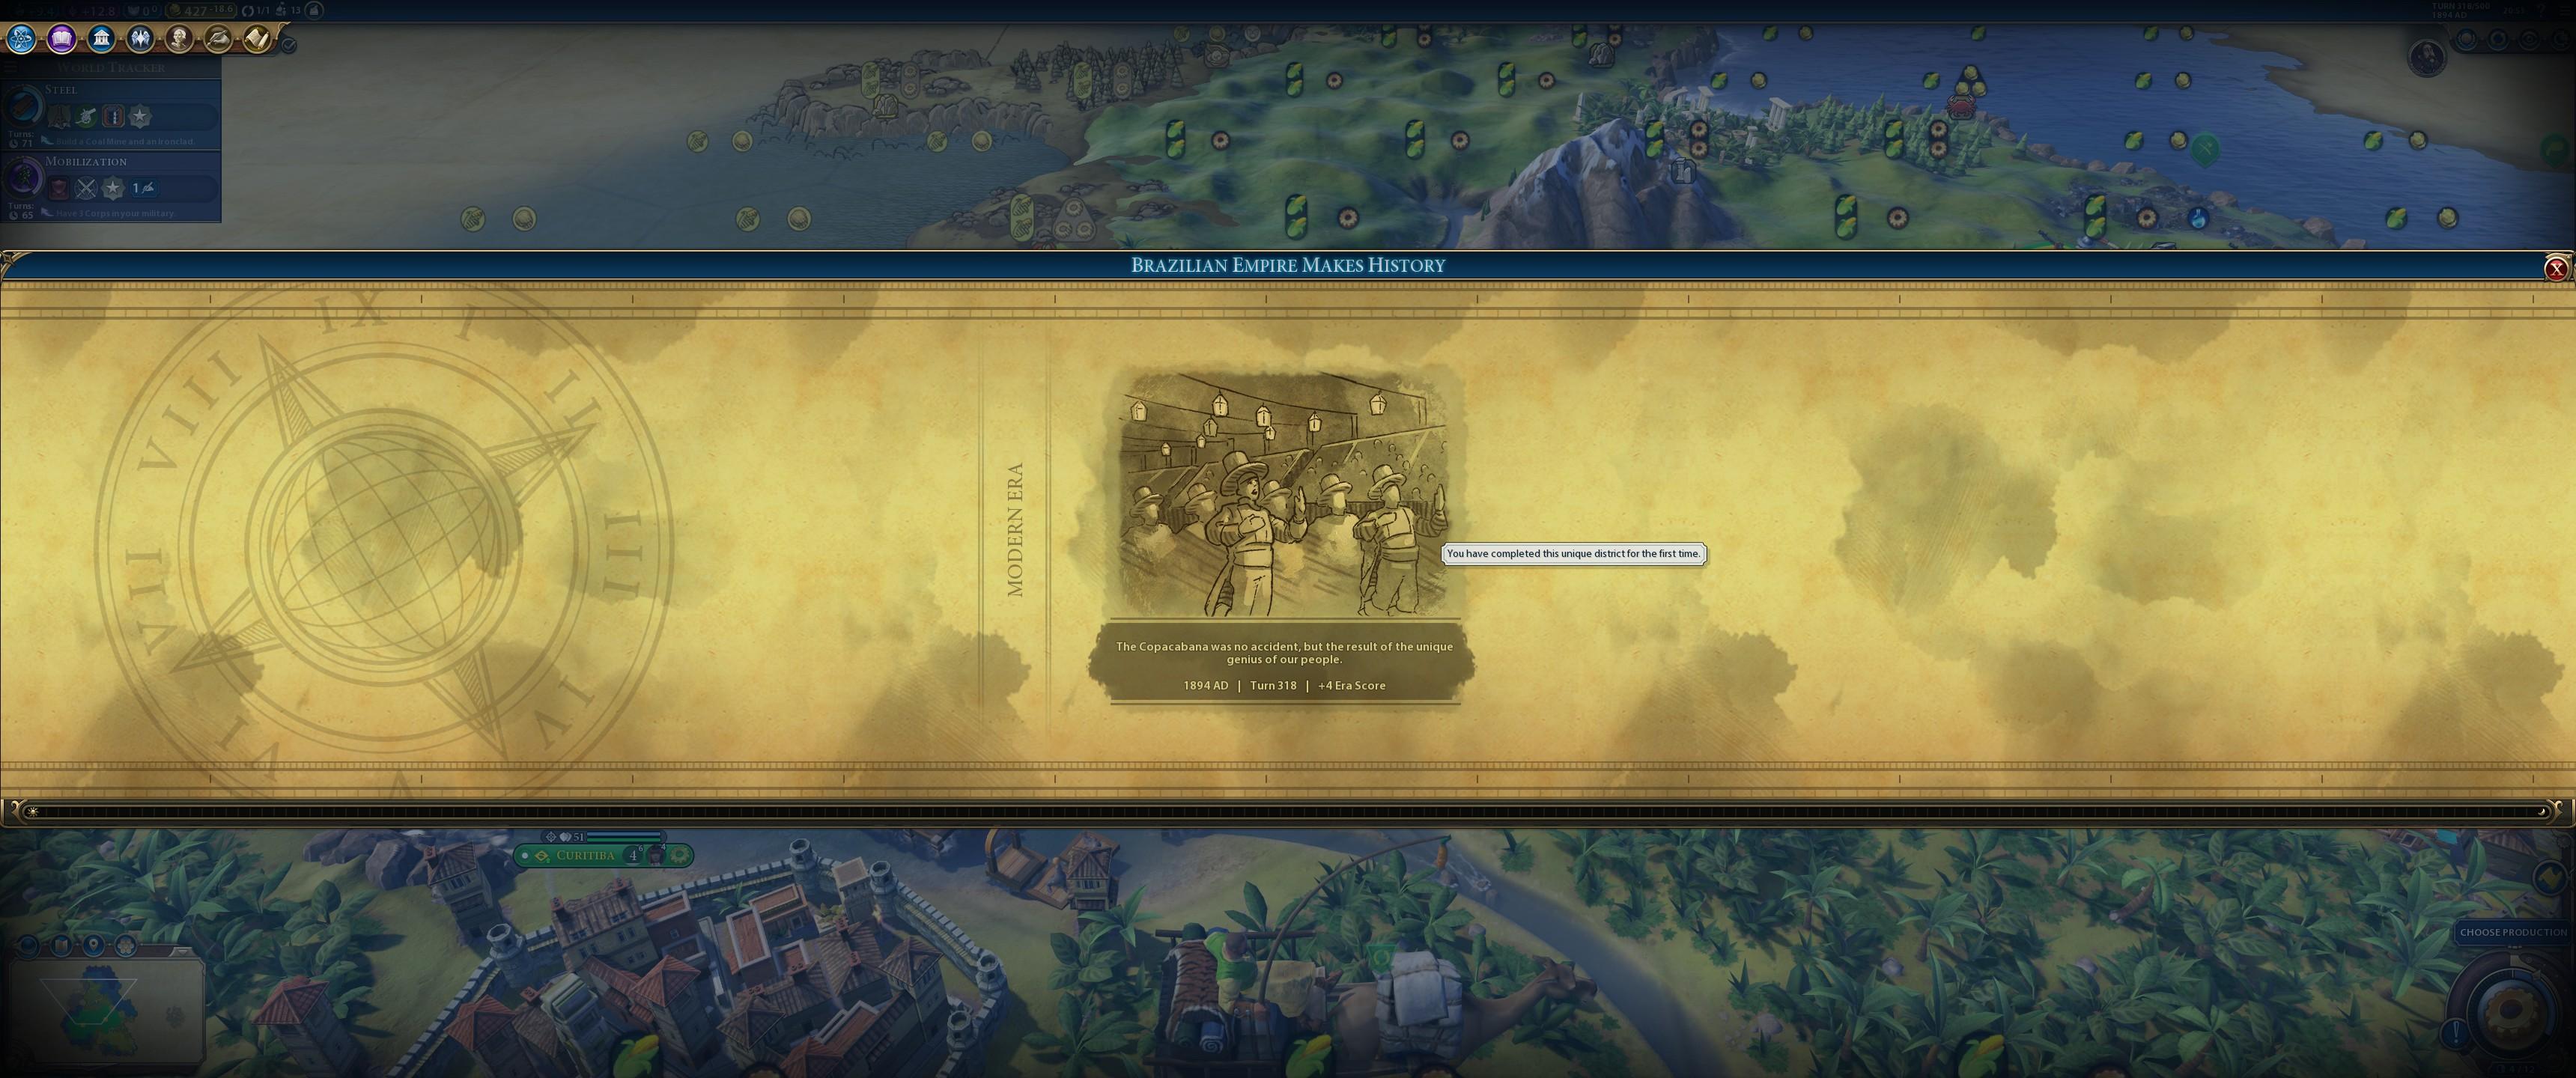 Steam Community :: Guide :: Zigzagzigal's Guides - Brazil (R&F)